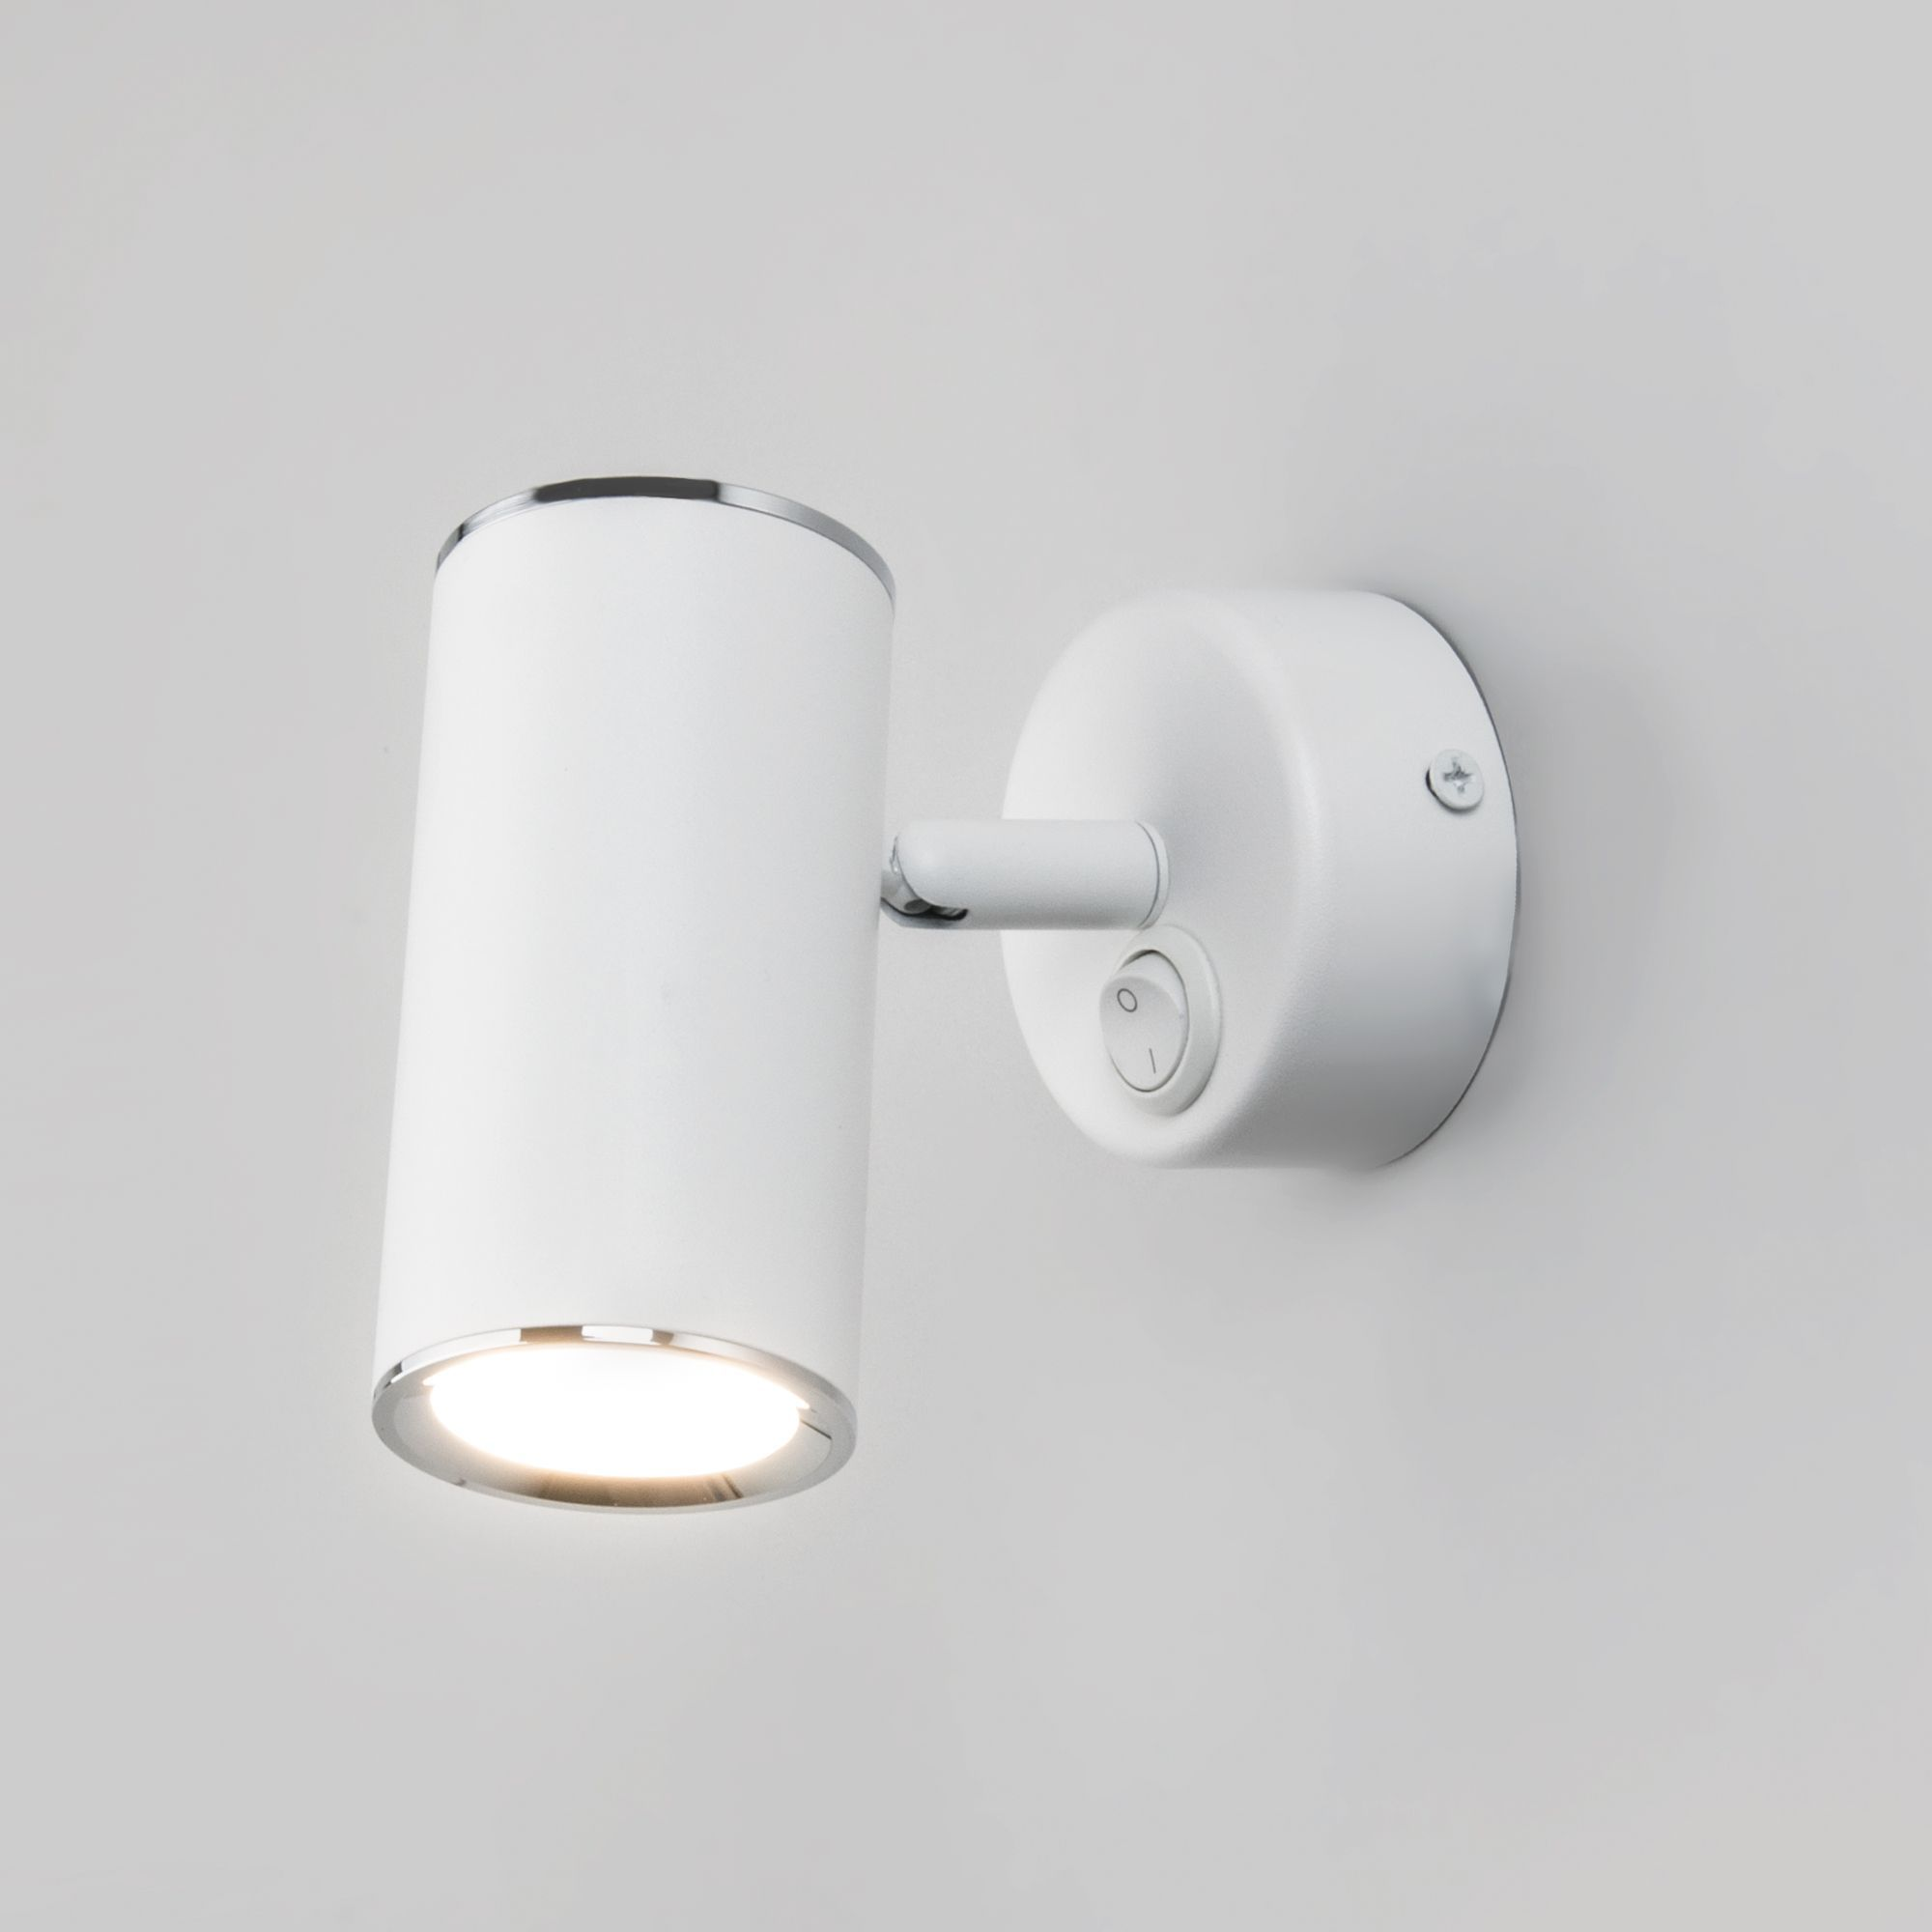 Настенный светодиодный светильник Rutero GU10 SW белый Rutero GU10 SW белый (MRL 1003)